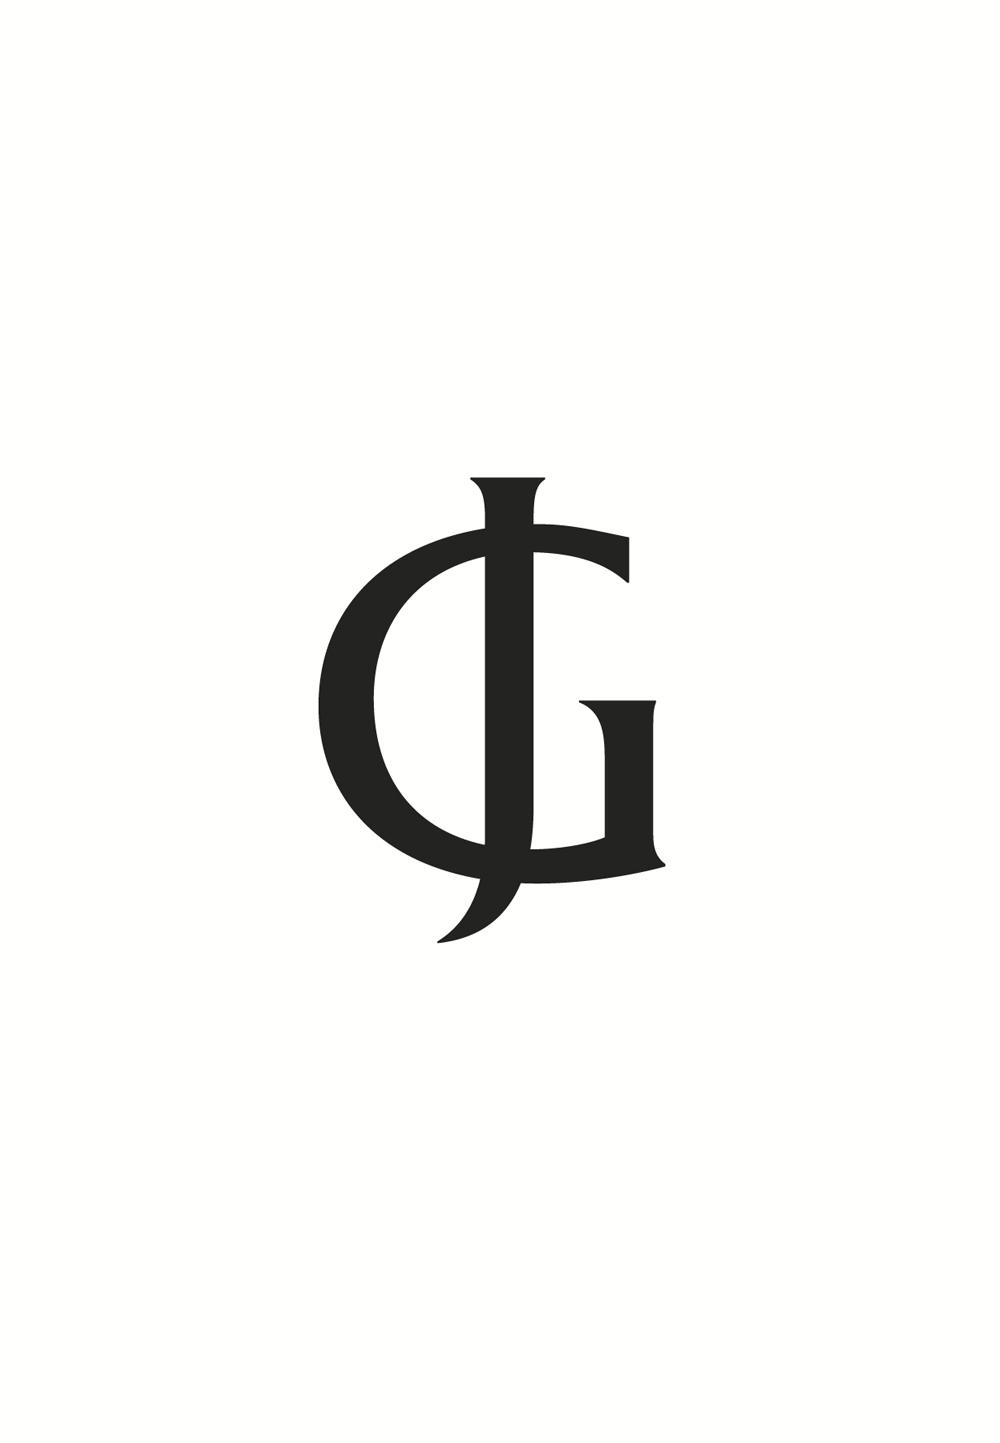 GJ_monogram.jpg